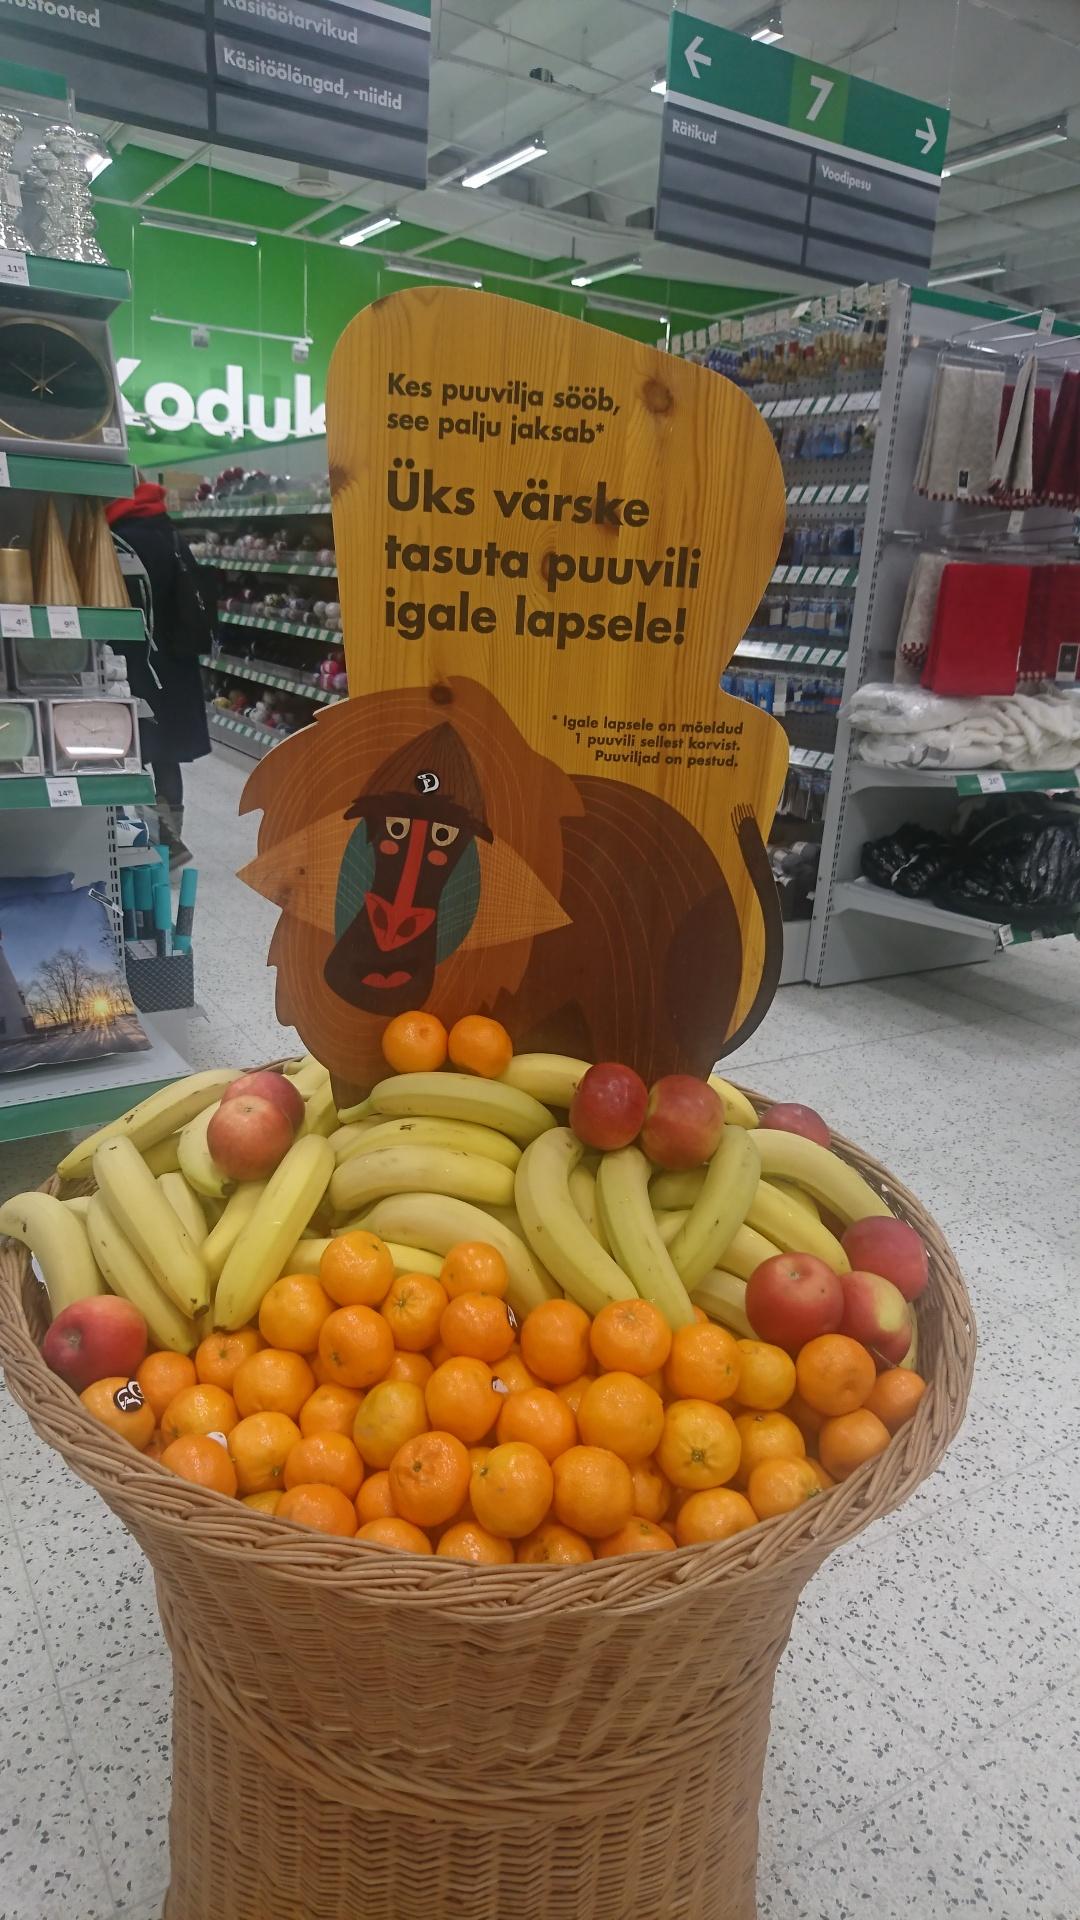 Pühapäevaks oli Mustamäe Prisma lastele mõeldud puuviljavalik taas isuäratav.